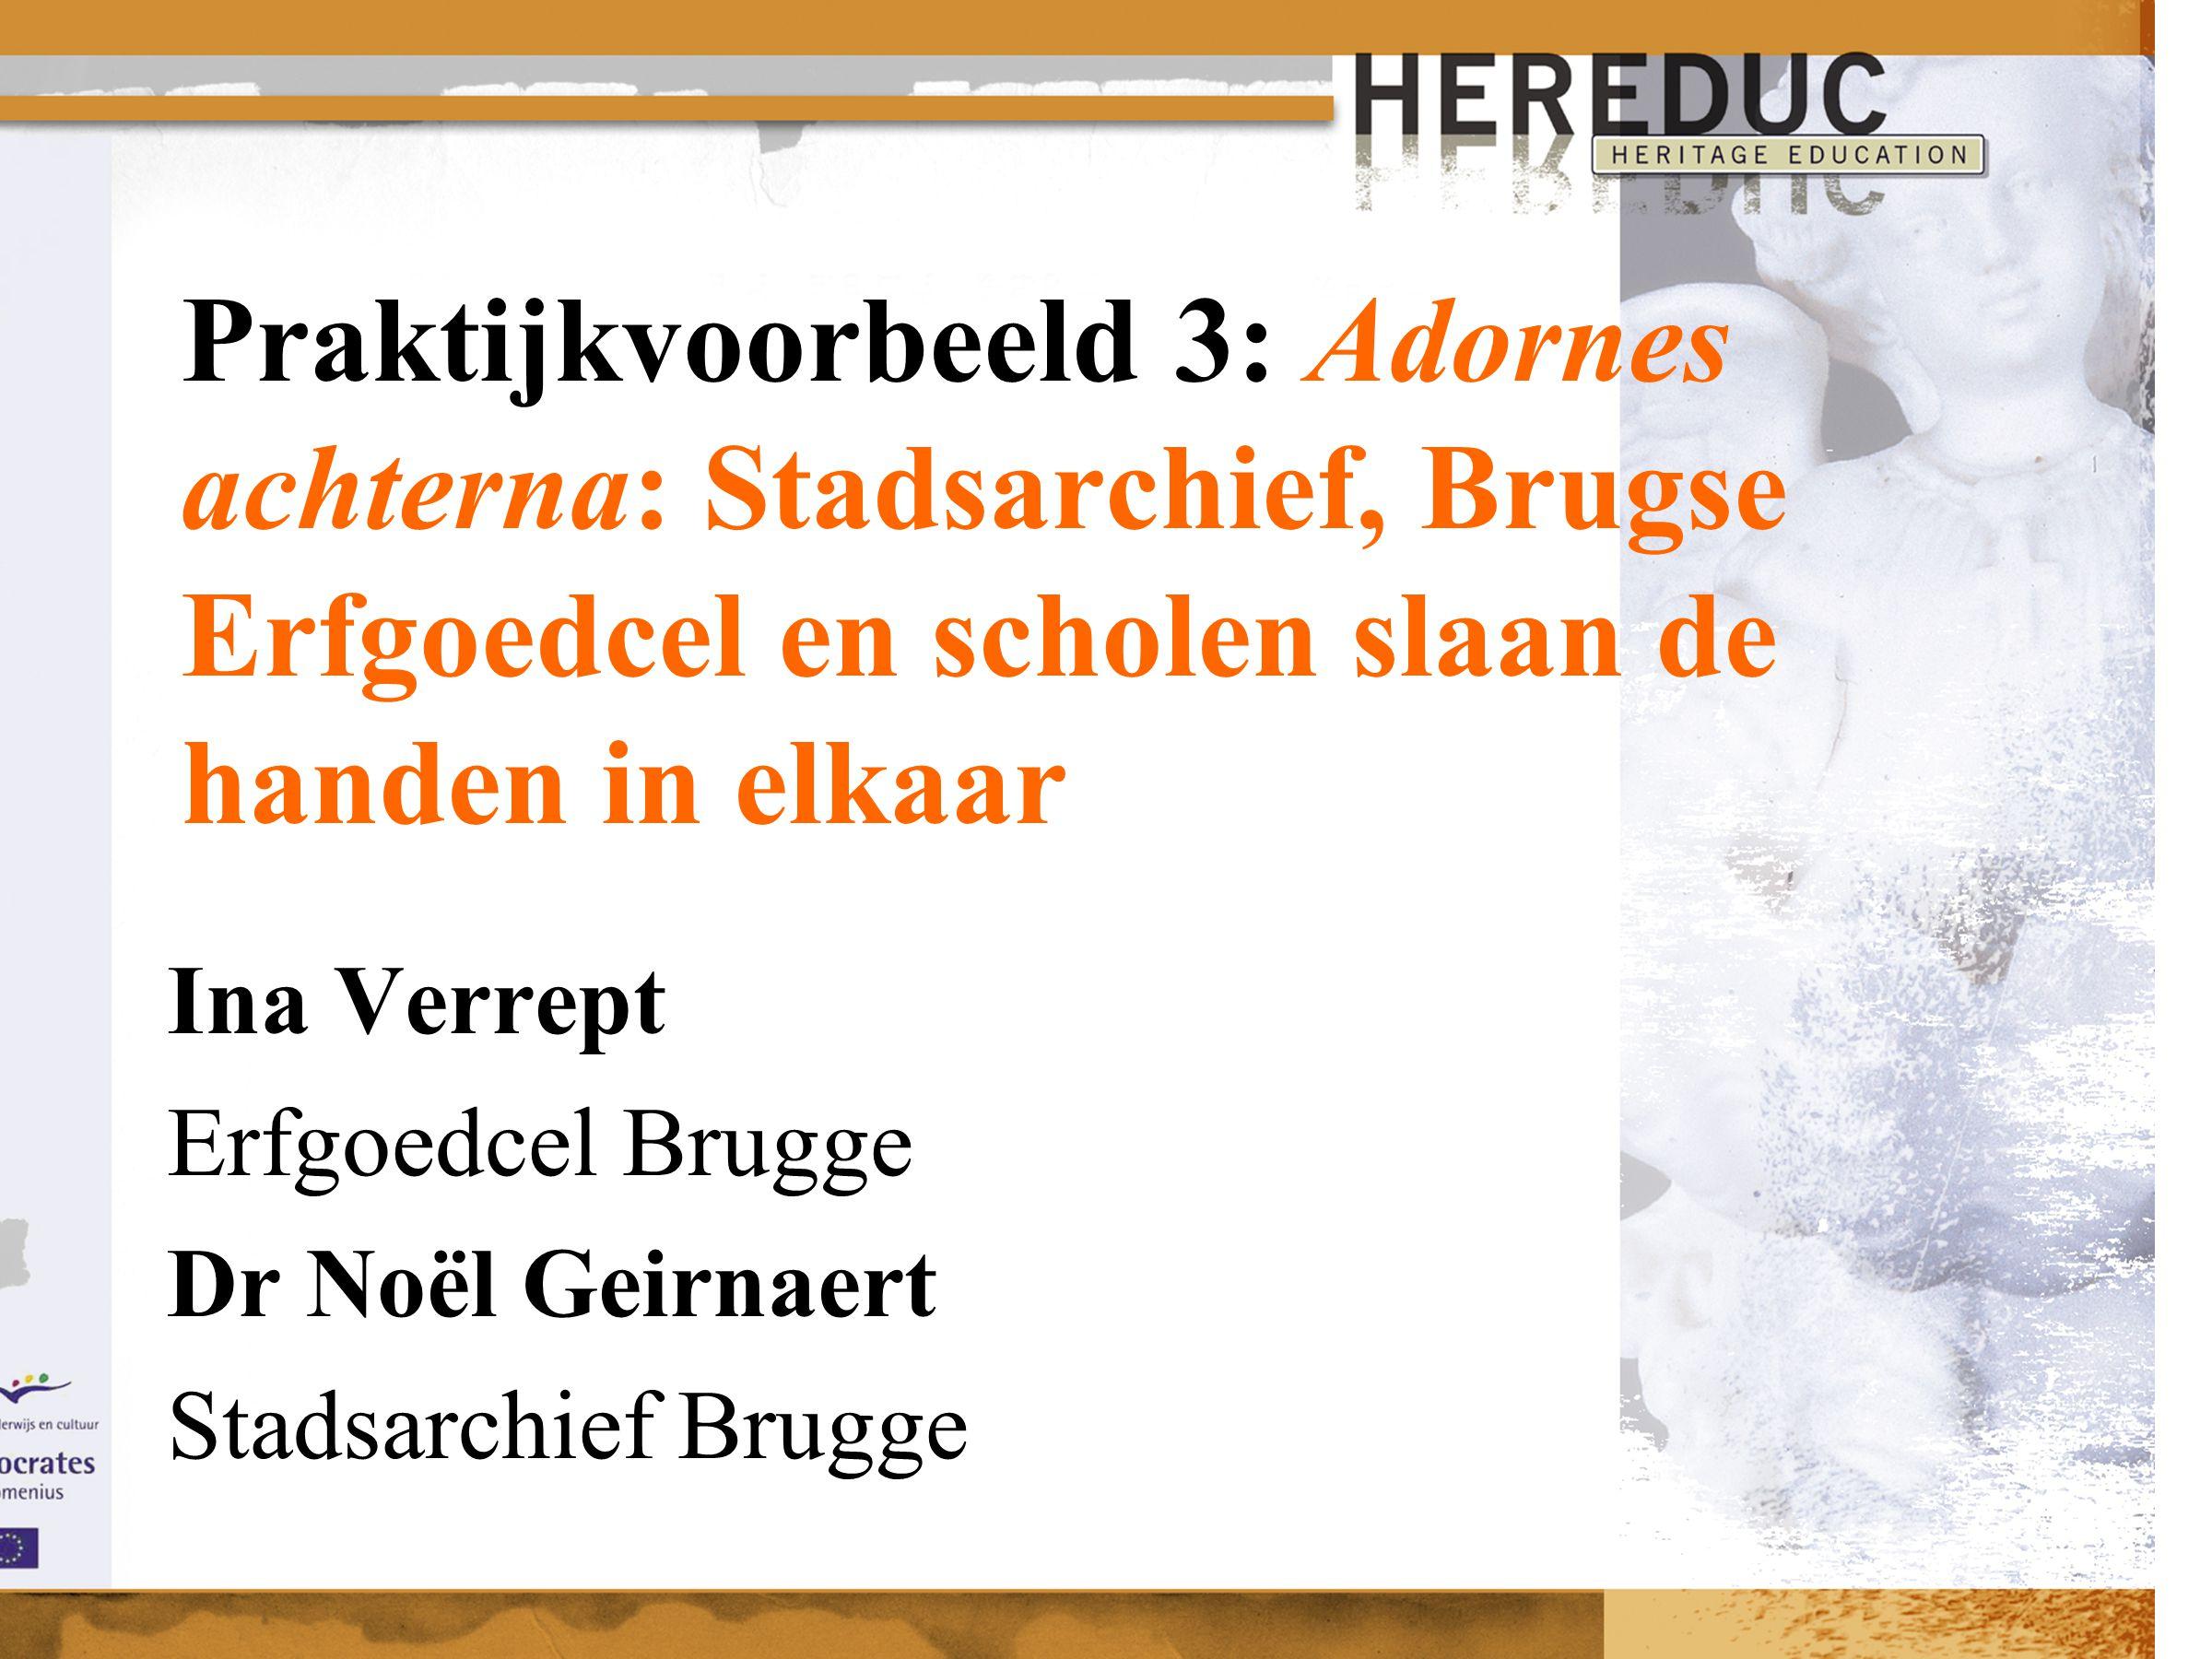 Praktijkvoorbeeld 3: Adornes achterna: Stadsarchief, Brugse Erfgoedcel en scholen slaan de handen in elkaar Ina Verrept Erfgoedcel Brugge Dr Noël Geirnaert Stadsarchief Brugge